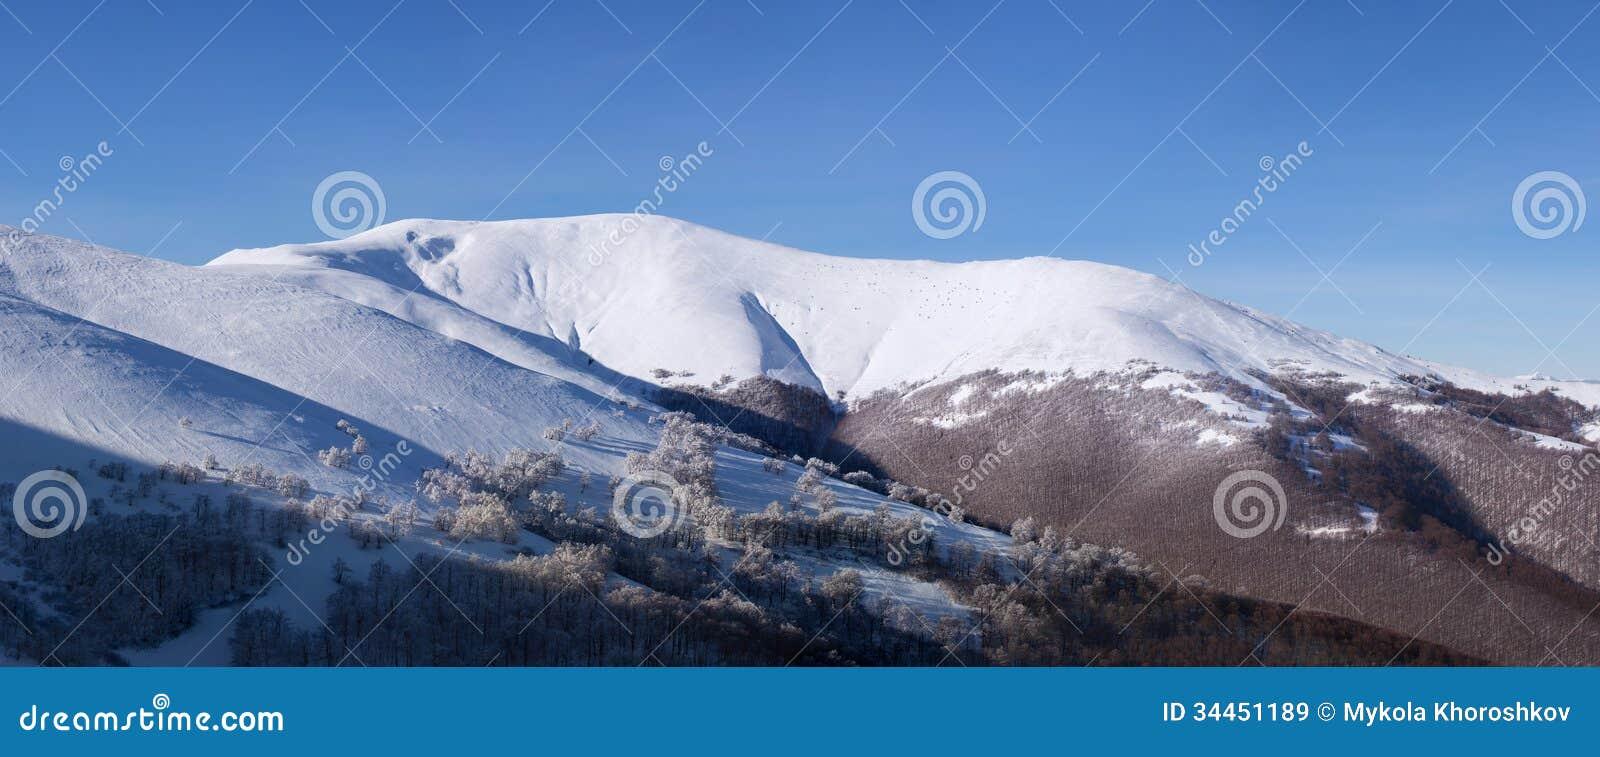 Panorama de paysage d hiver de montagnes carpathiennes